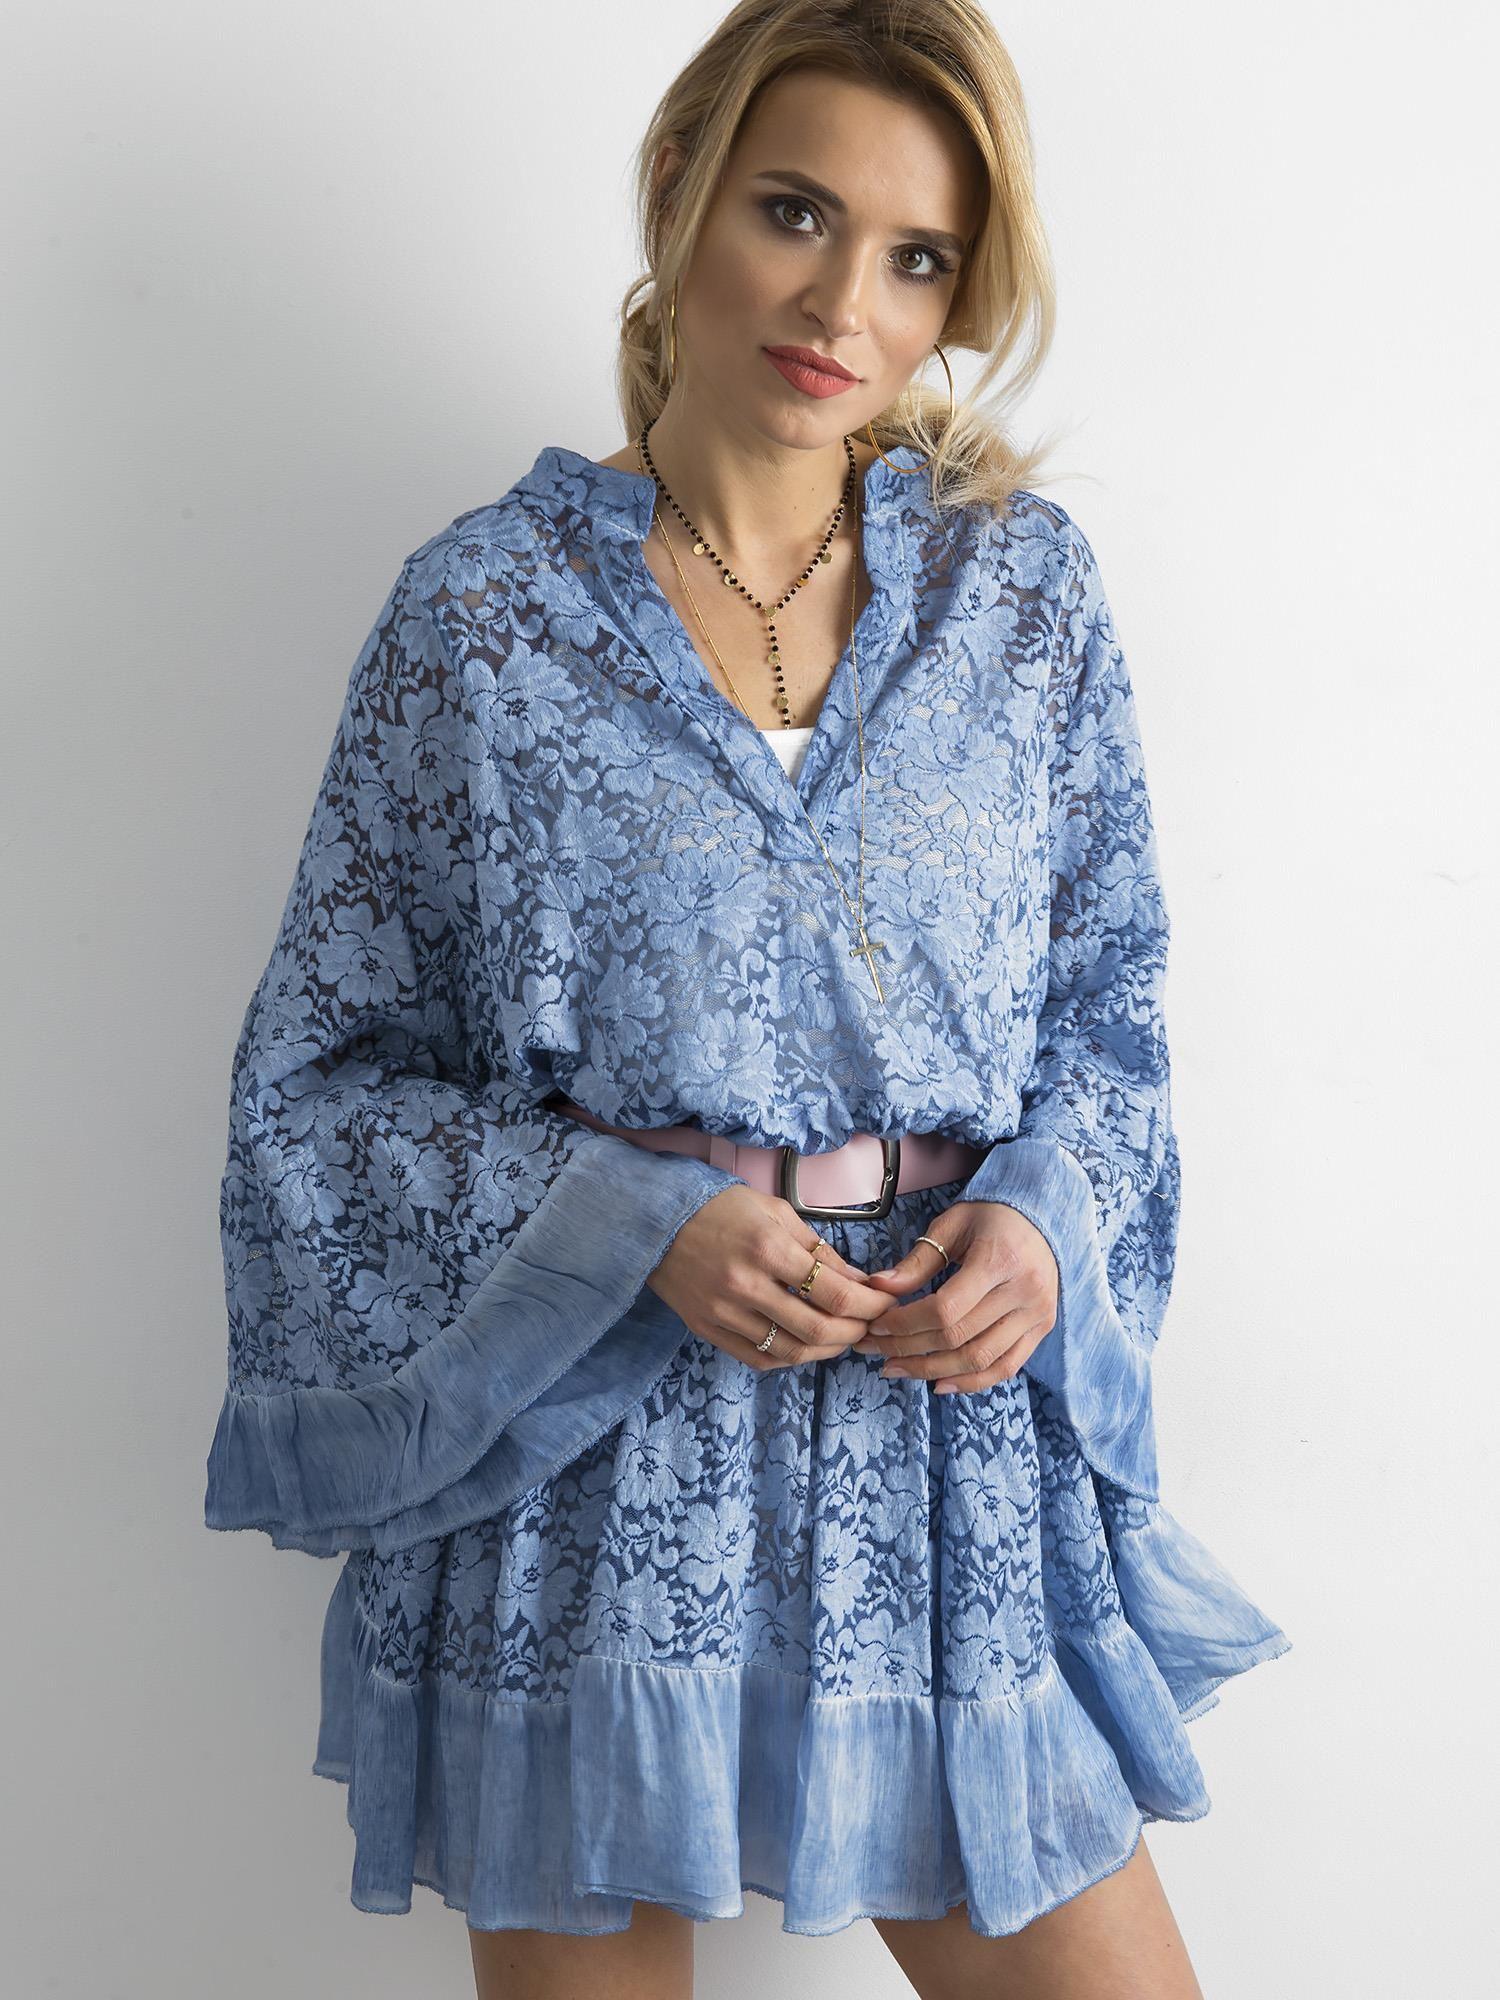 410b38456 Niebieska luźna sukienka z koronki - Sukienka z koronką - sklep ...